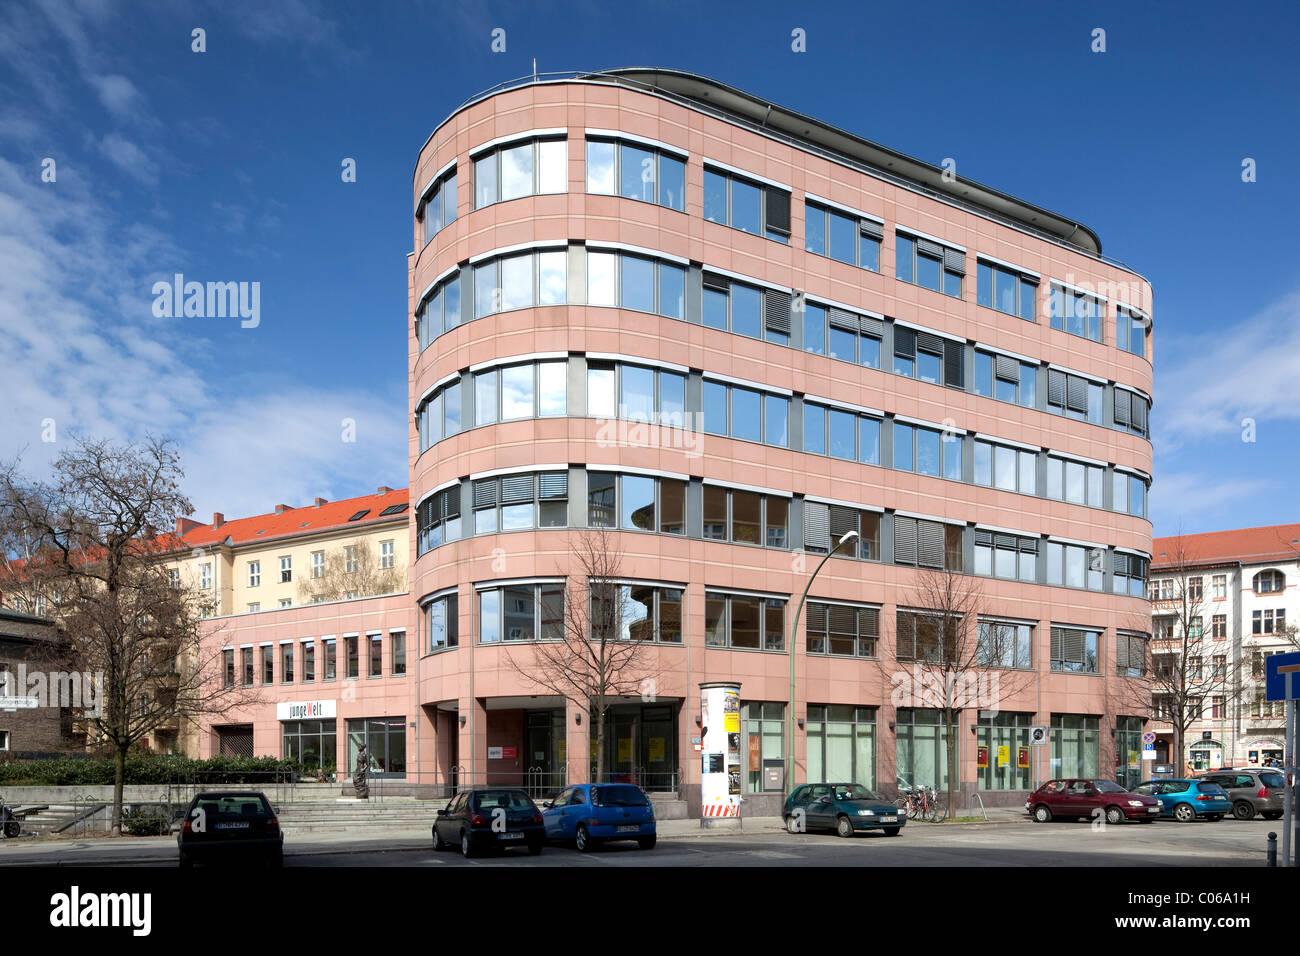 Bürogebäude, Torstraße, Redaktion der Junge Welt Zeitung, Berlin-Mitte, Berlin, Deutschland, Europa Stockbild